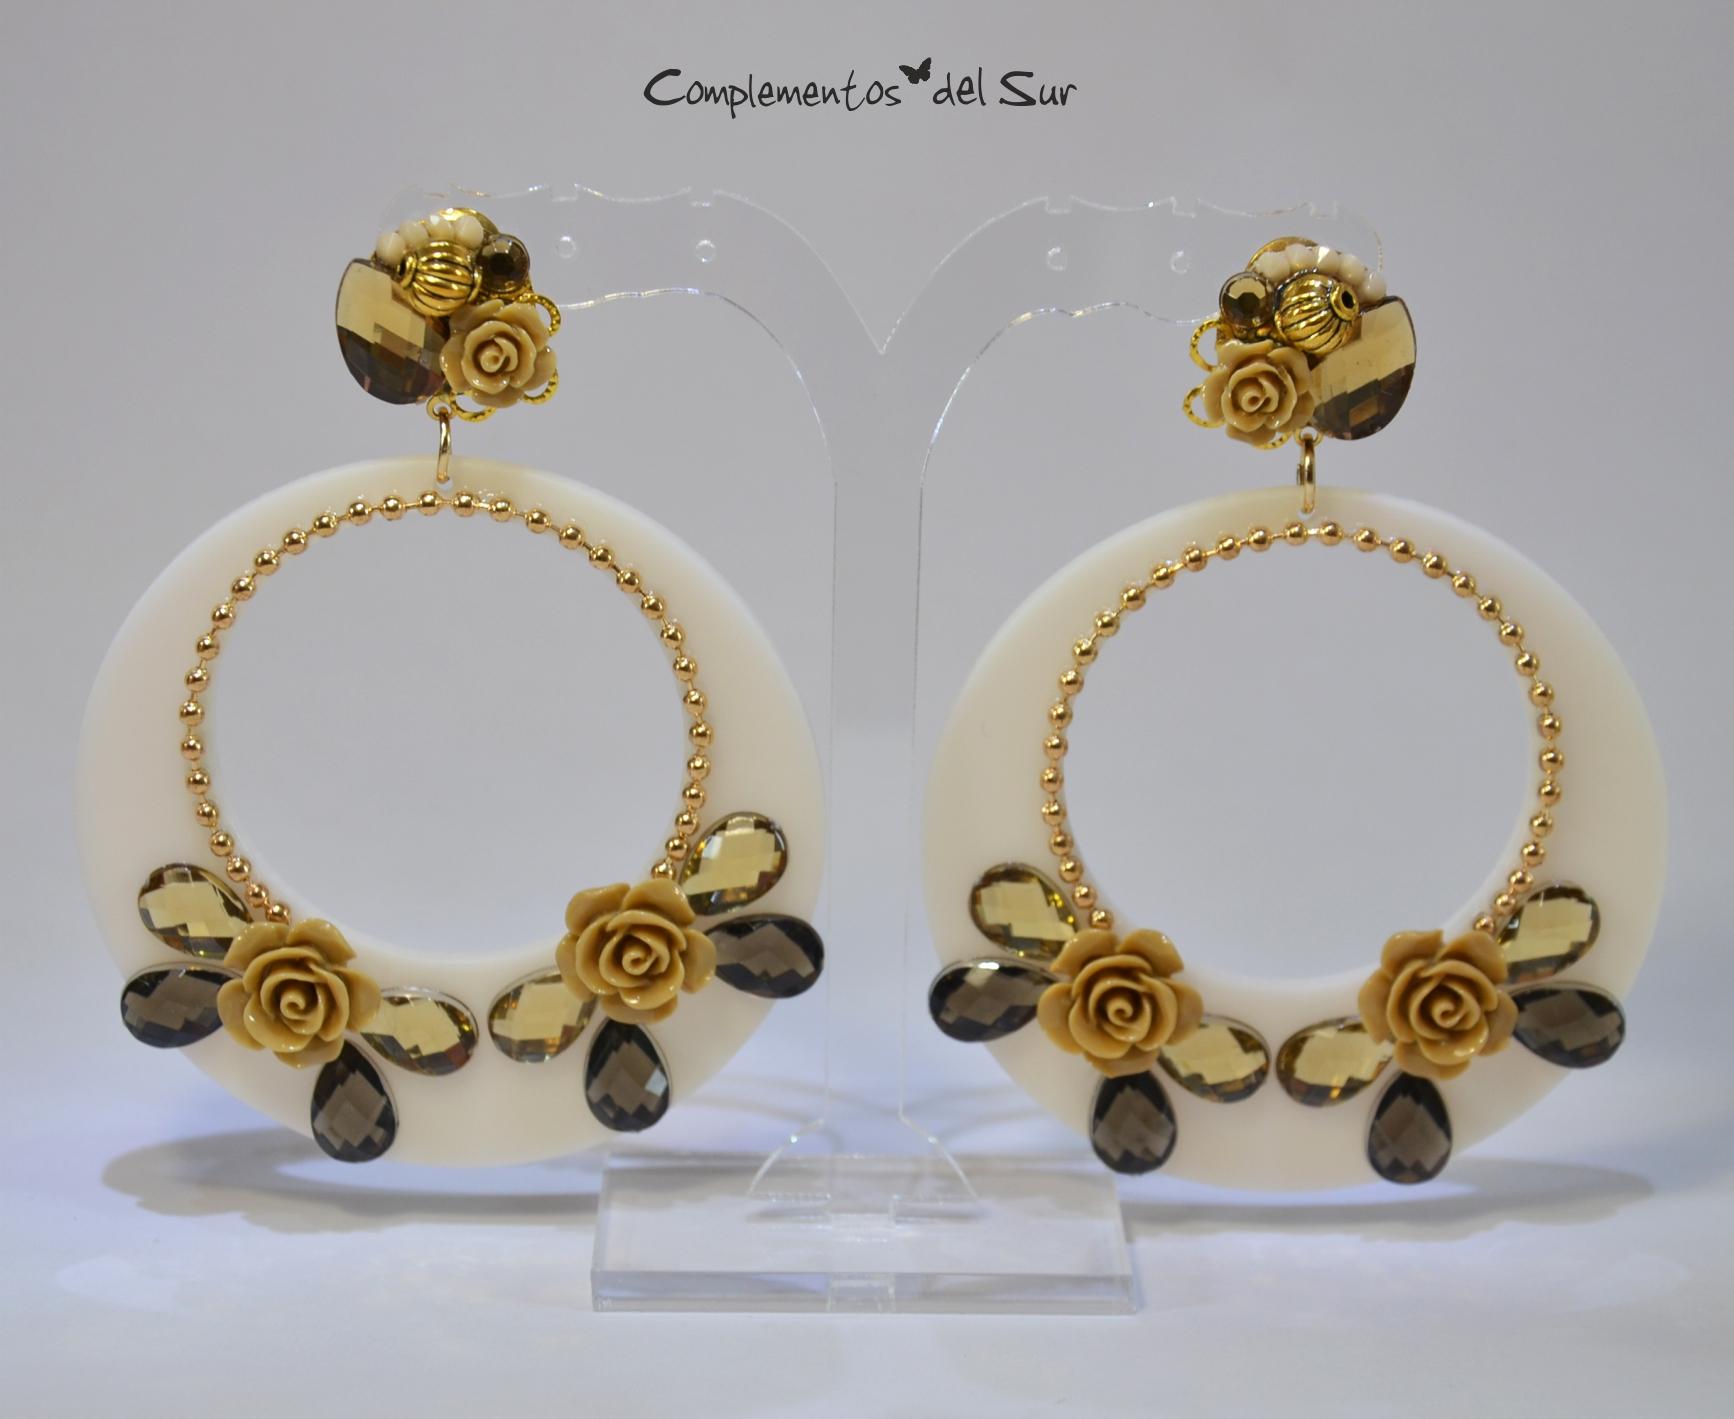 9716f73e8 Pendientes de Flamenca - Complementos del Sur